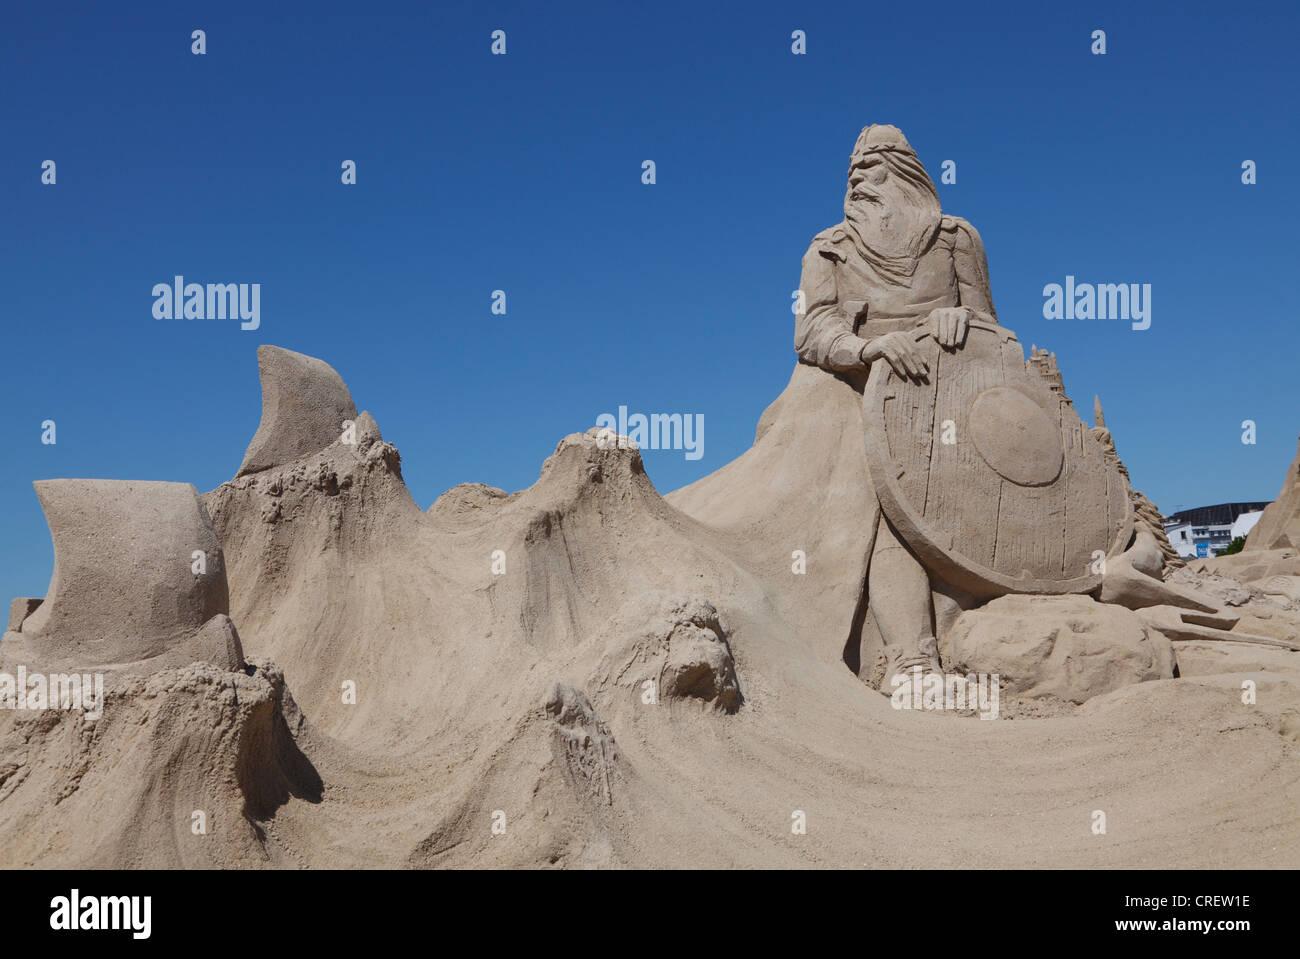 Copenhagen International Sand Sculpture Festival 2012, near Nyhavn: The Vikings - by Charlotte Koster, The Netherlands - Stock Image